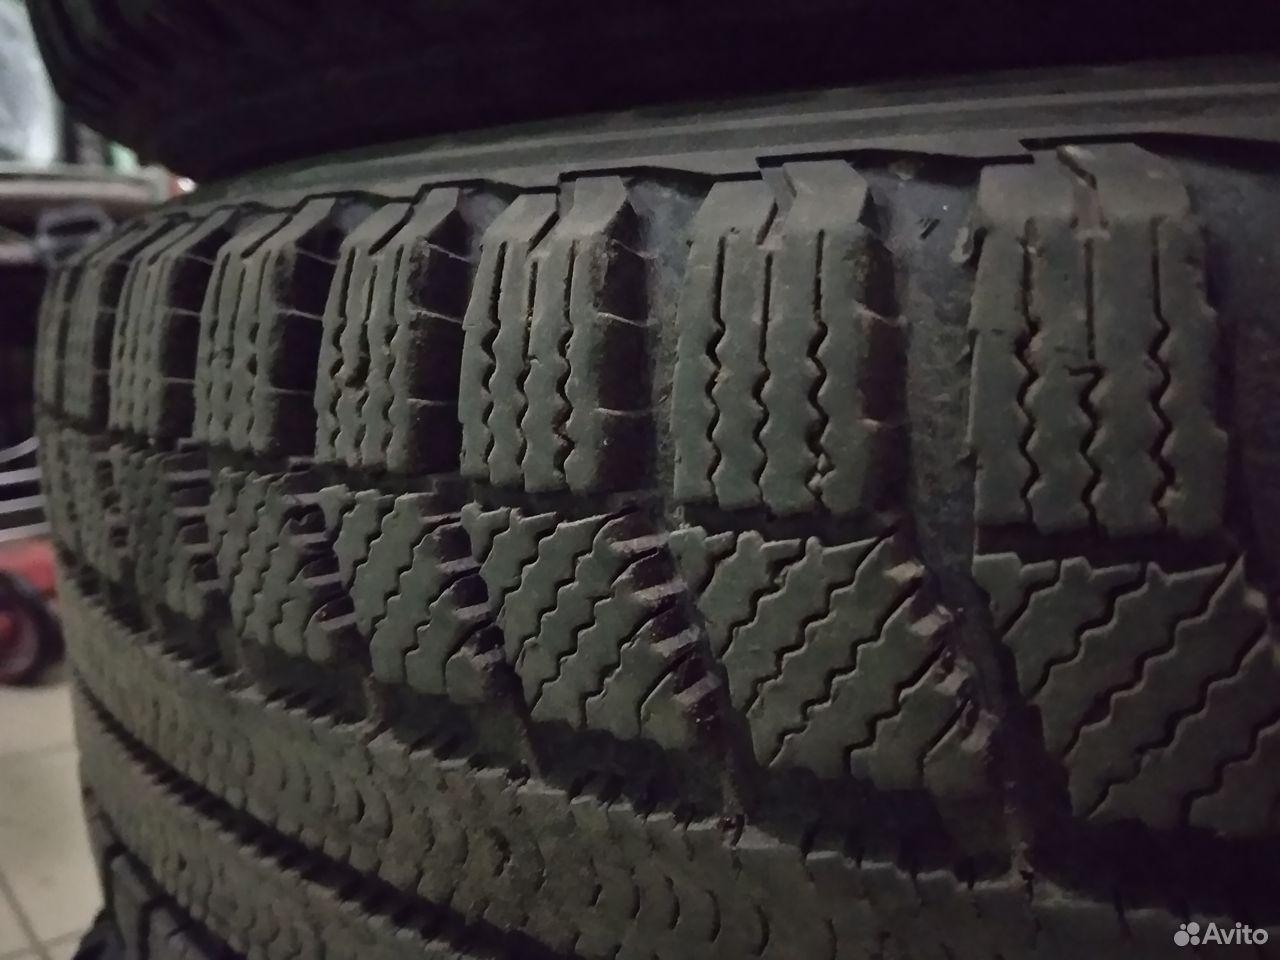 Зимние колеса Nordmaster 195/65 r15 на дисках  89127445537 купить 1